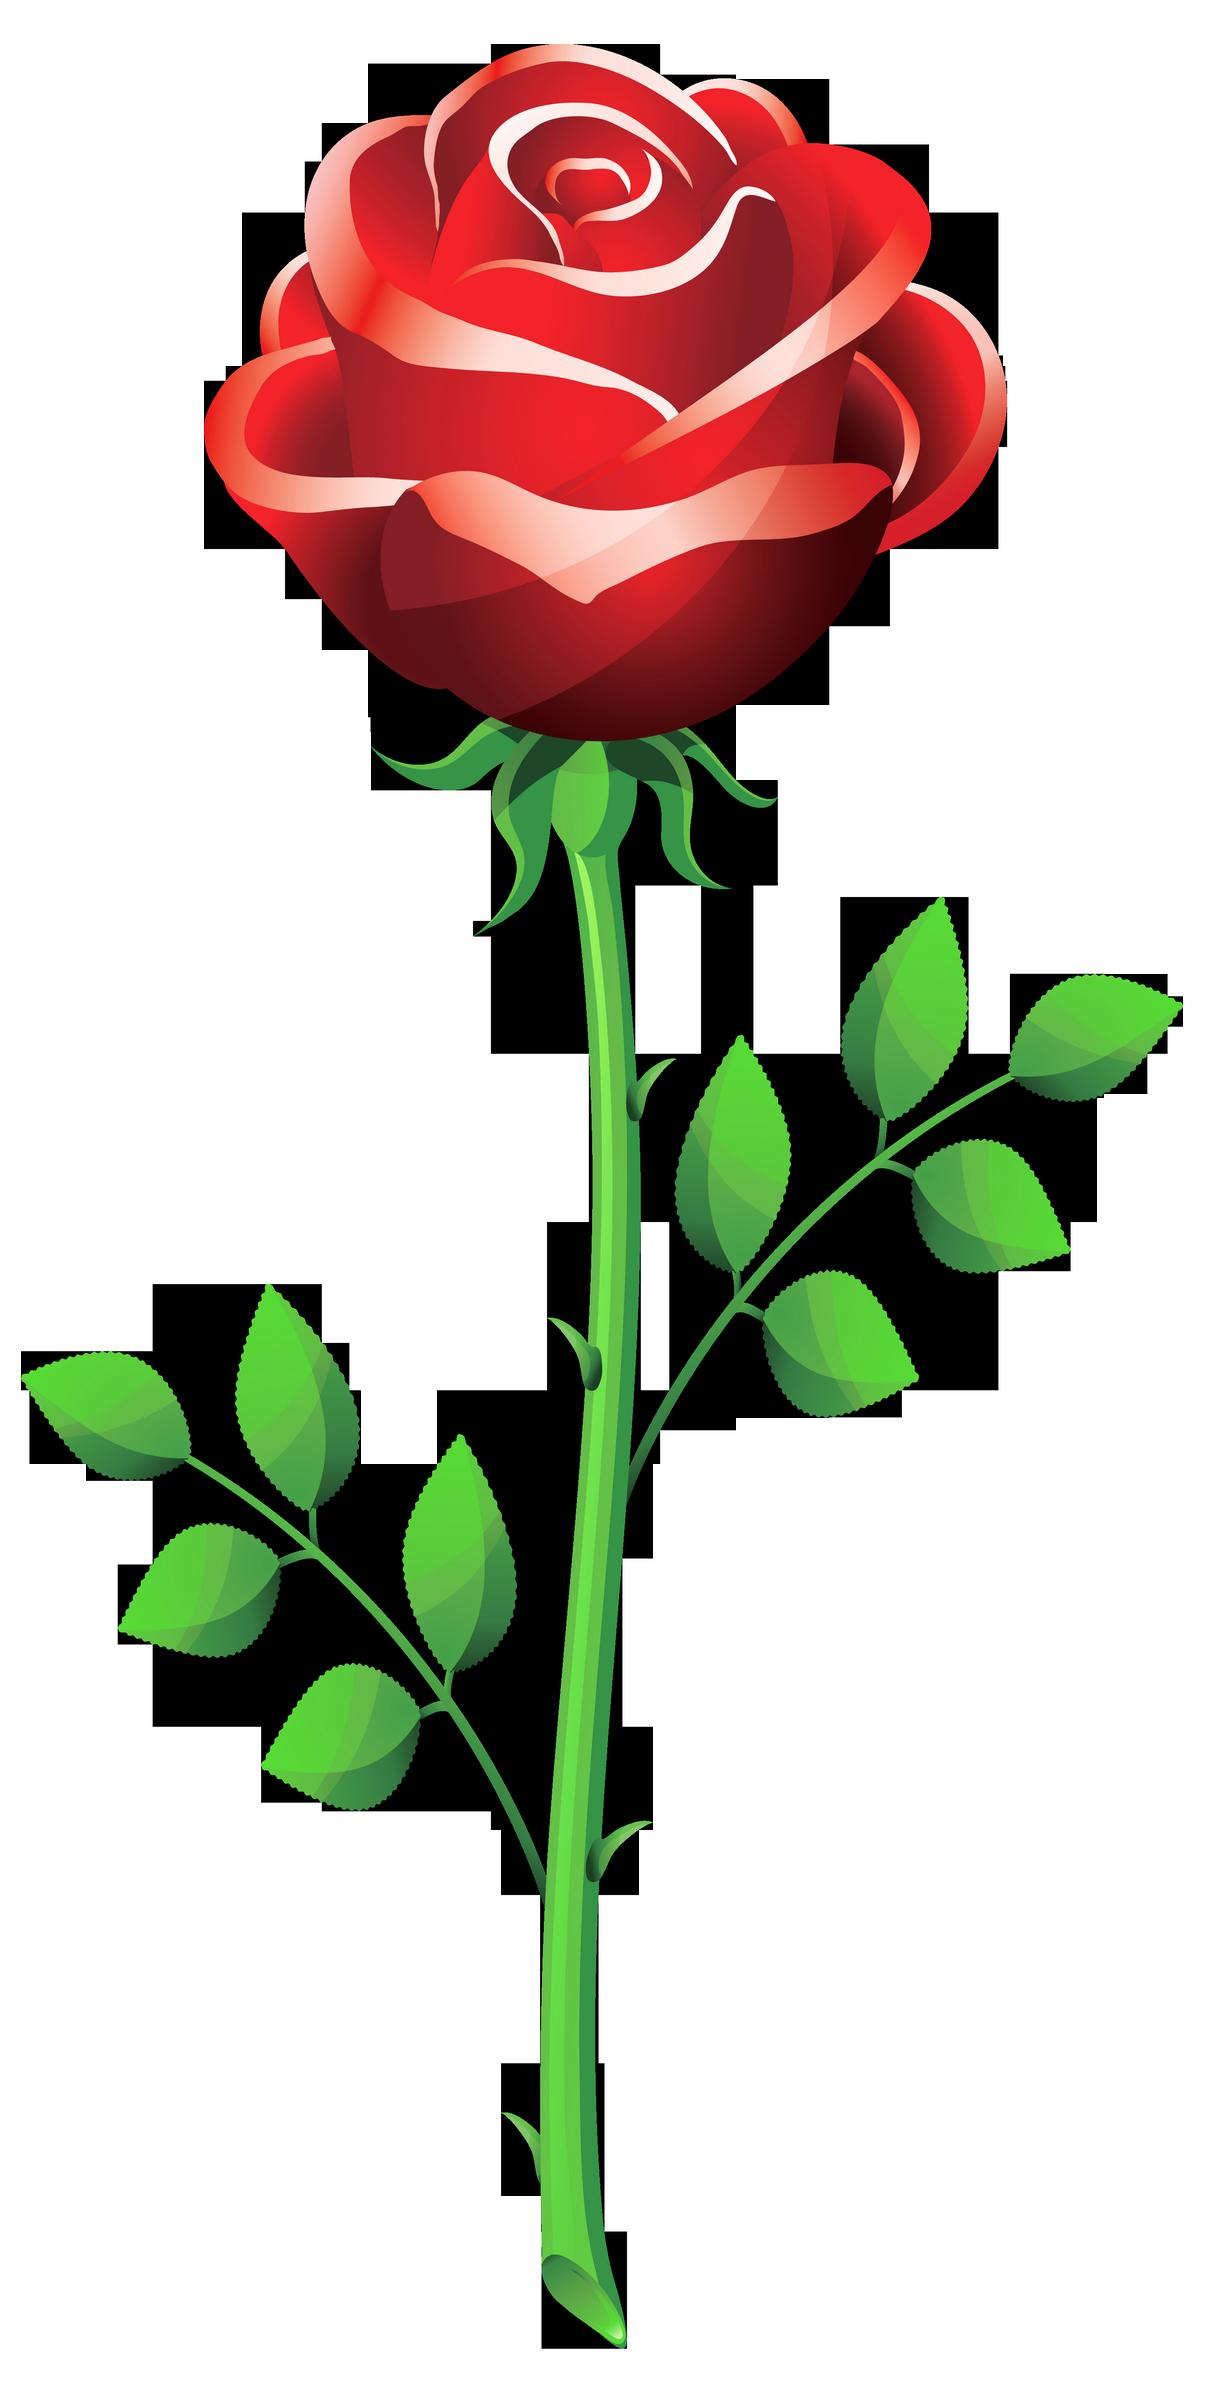 Short stem rose clipart vector stock Free Rose Images, Download Free Clip Art, Free Clip Art on ... vector stock